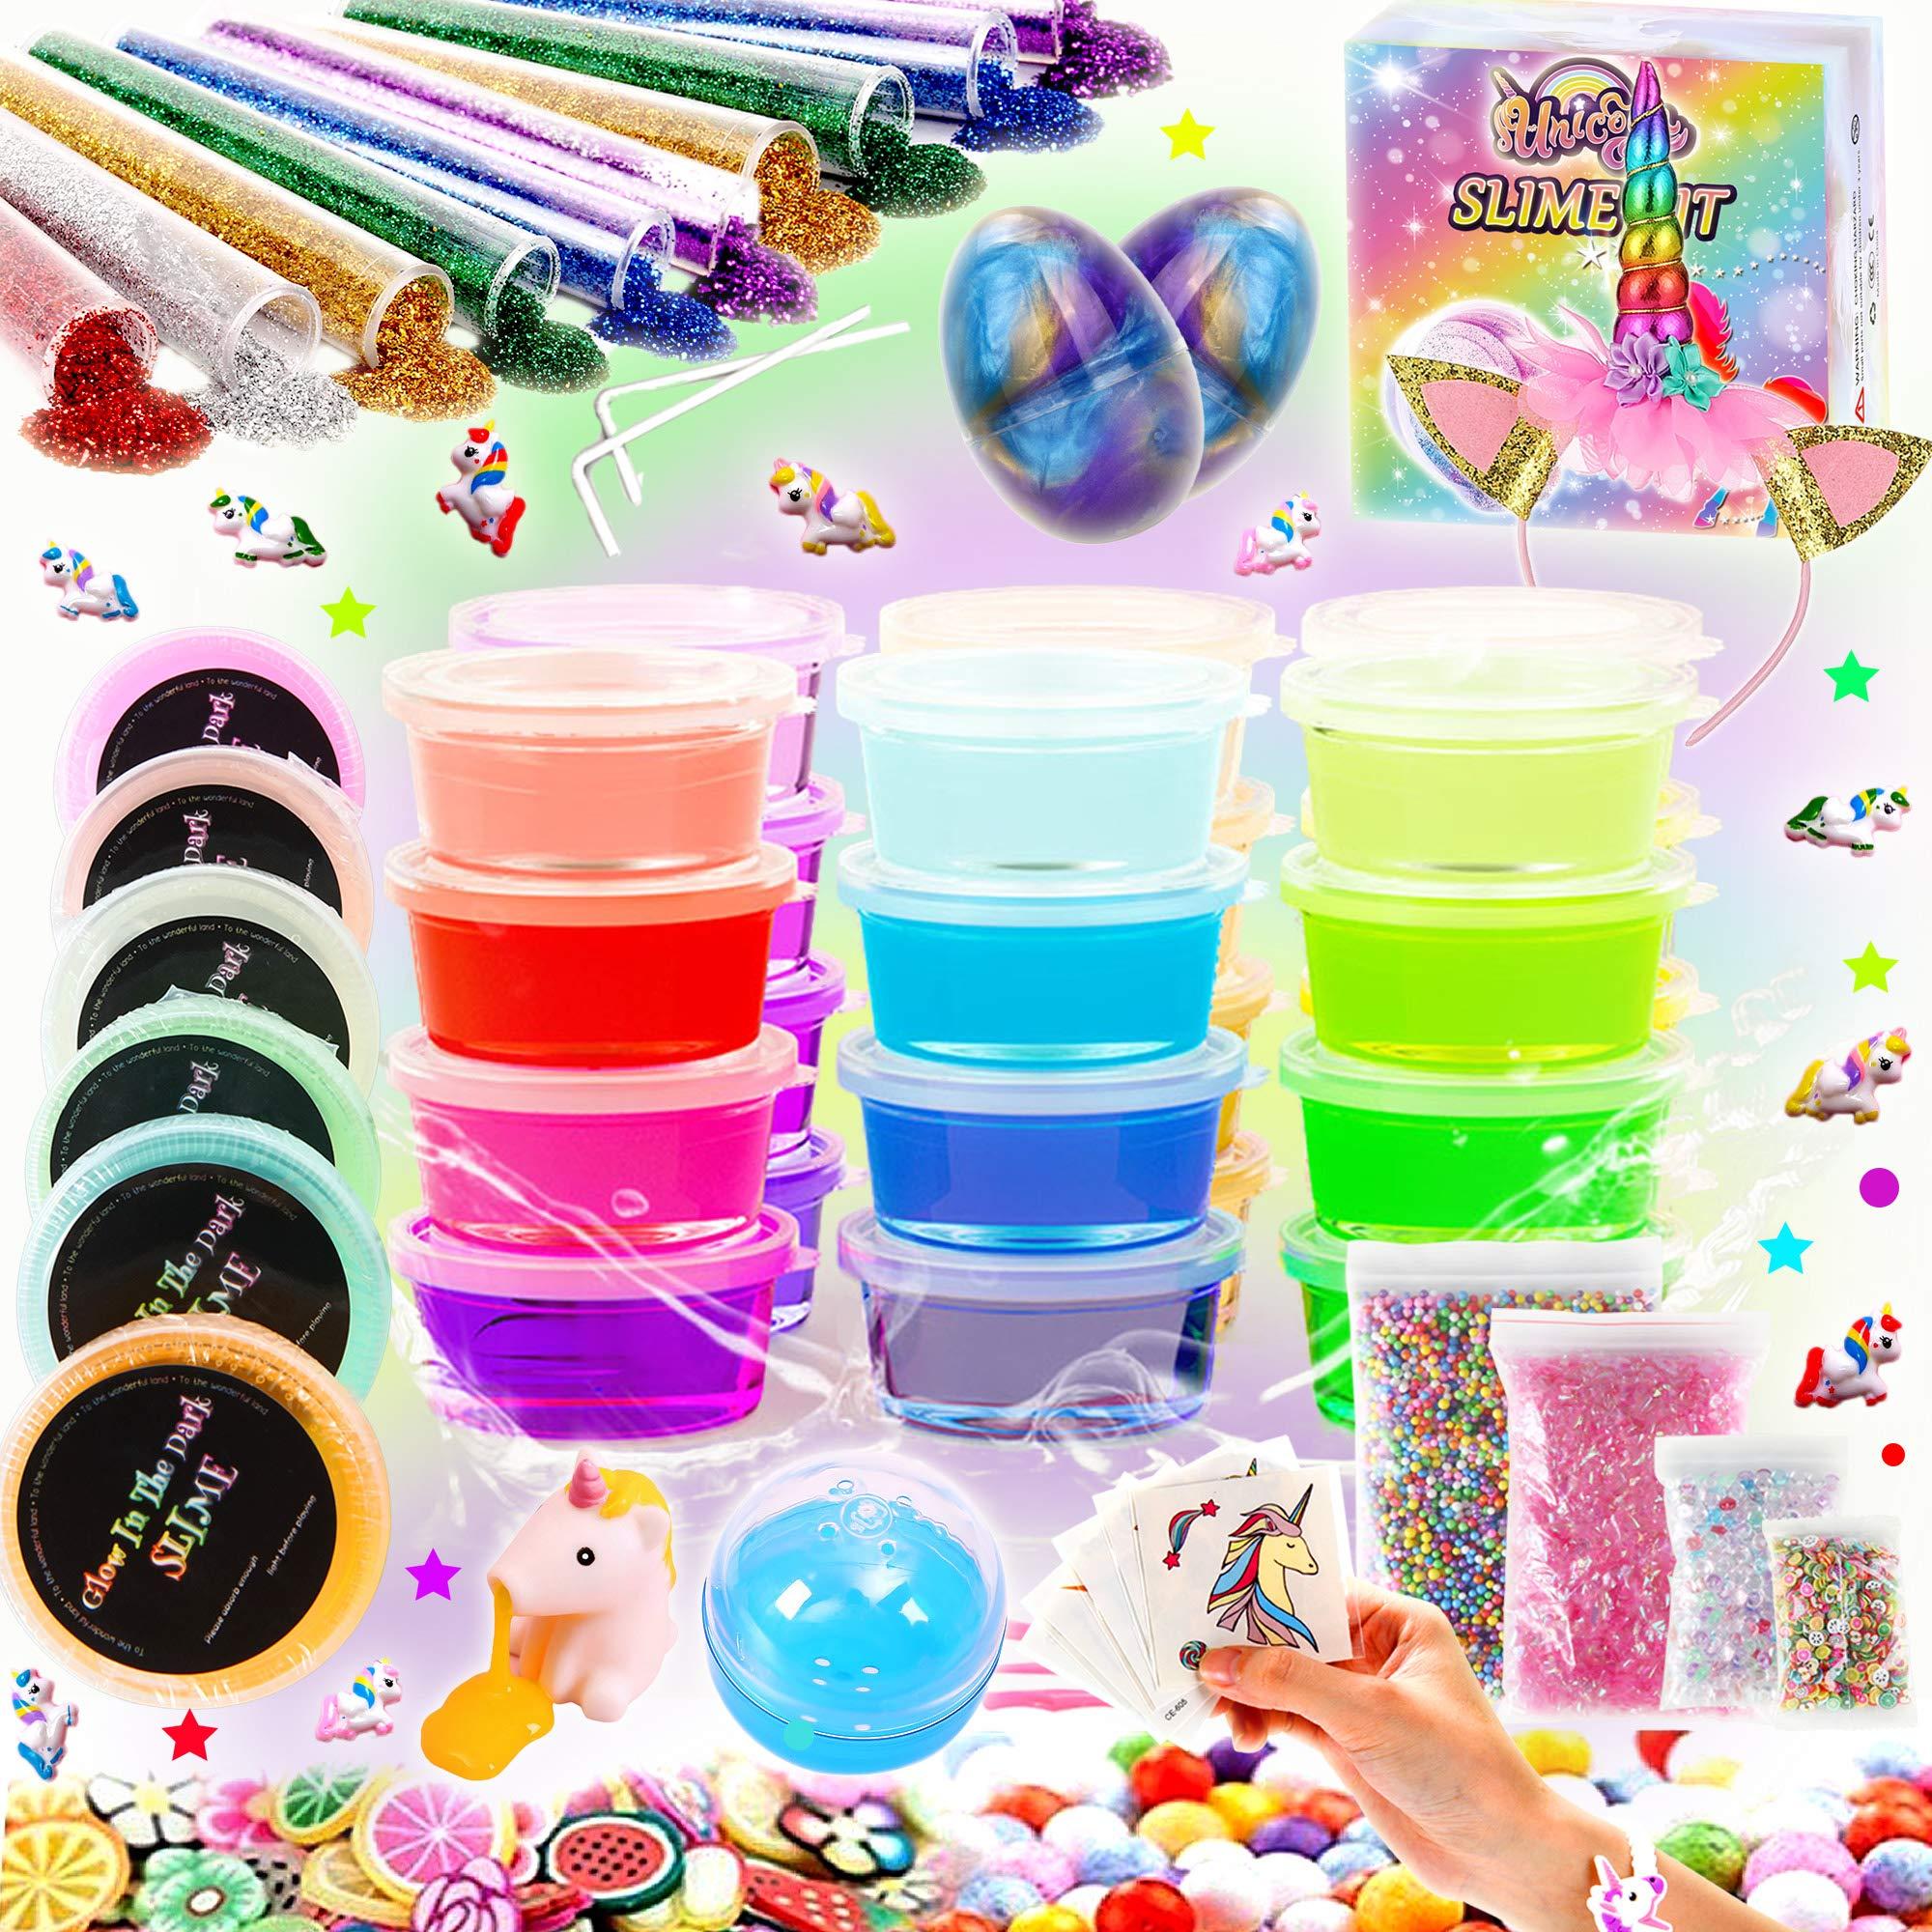 Kit de Slime Kit Brillan en la Oscuridad - 20 Colores Kit de Slime Esponjoso con Unicornio, Purpurina, Nube, Espuma y Más Juguete para Niñas: Amazon.es: Juguetes y juegos